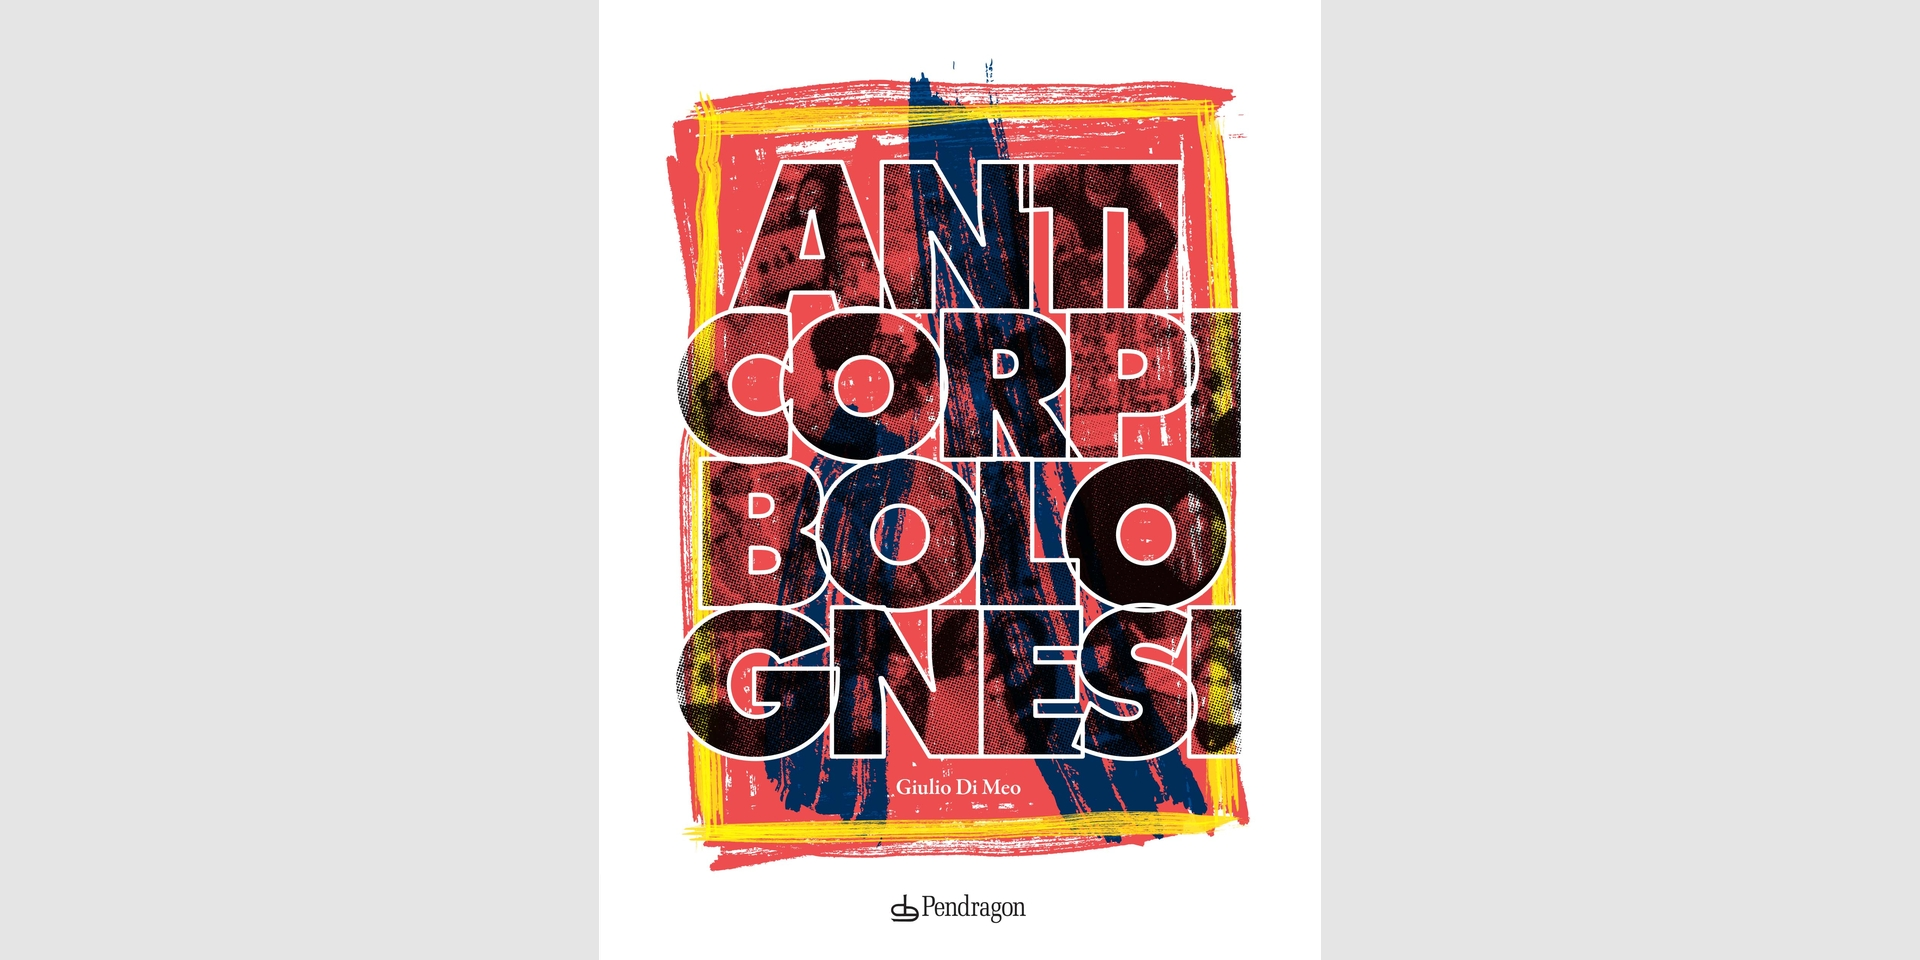 Anticorpi bolognesi - Edizioni Pendragon